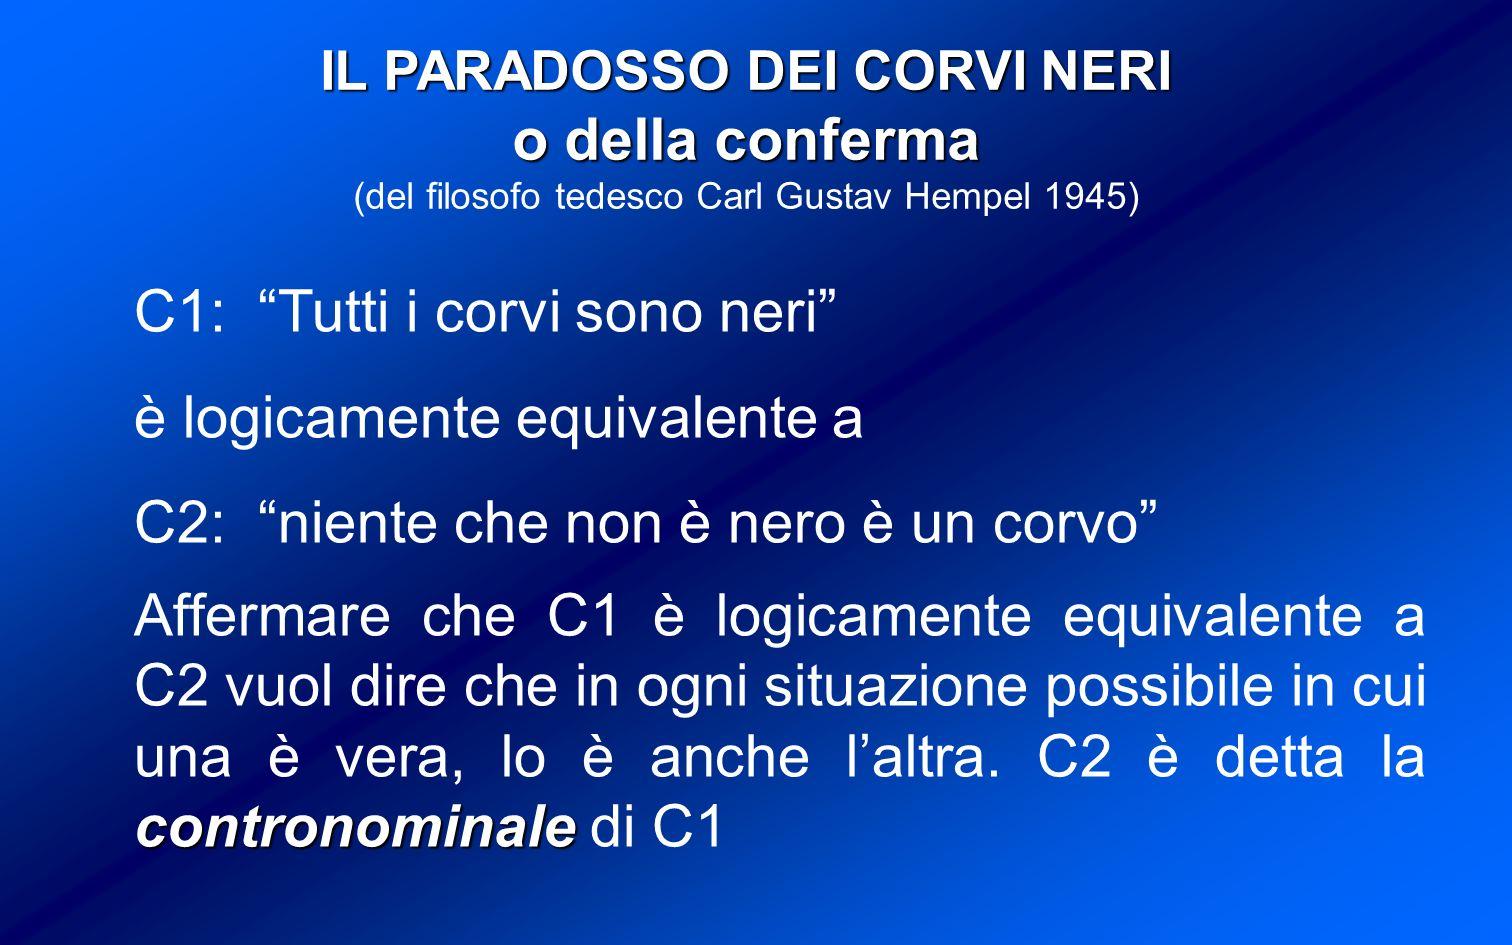 IL PARADOSSO DEI CORVI NERI o della conferma (del filosofo tedesco Carl Gustav Hempel 1945) C1: Tutti i corvi sono neri è logicamente equivalente a C2: niente che non è nero è un corvo contronominale Affermare che C1 è logicamente equivalente a C2 vuol dire che in ogni situazione possibile in cui una è vera, lo è anche laltra.